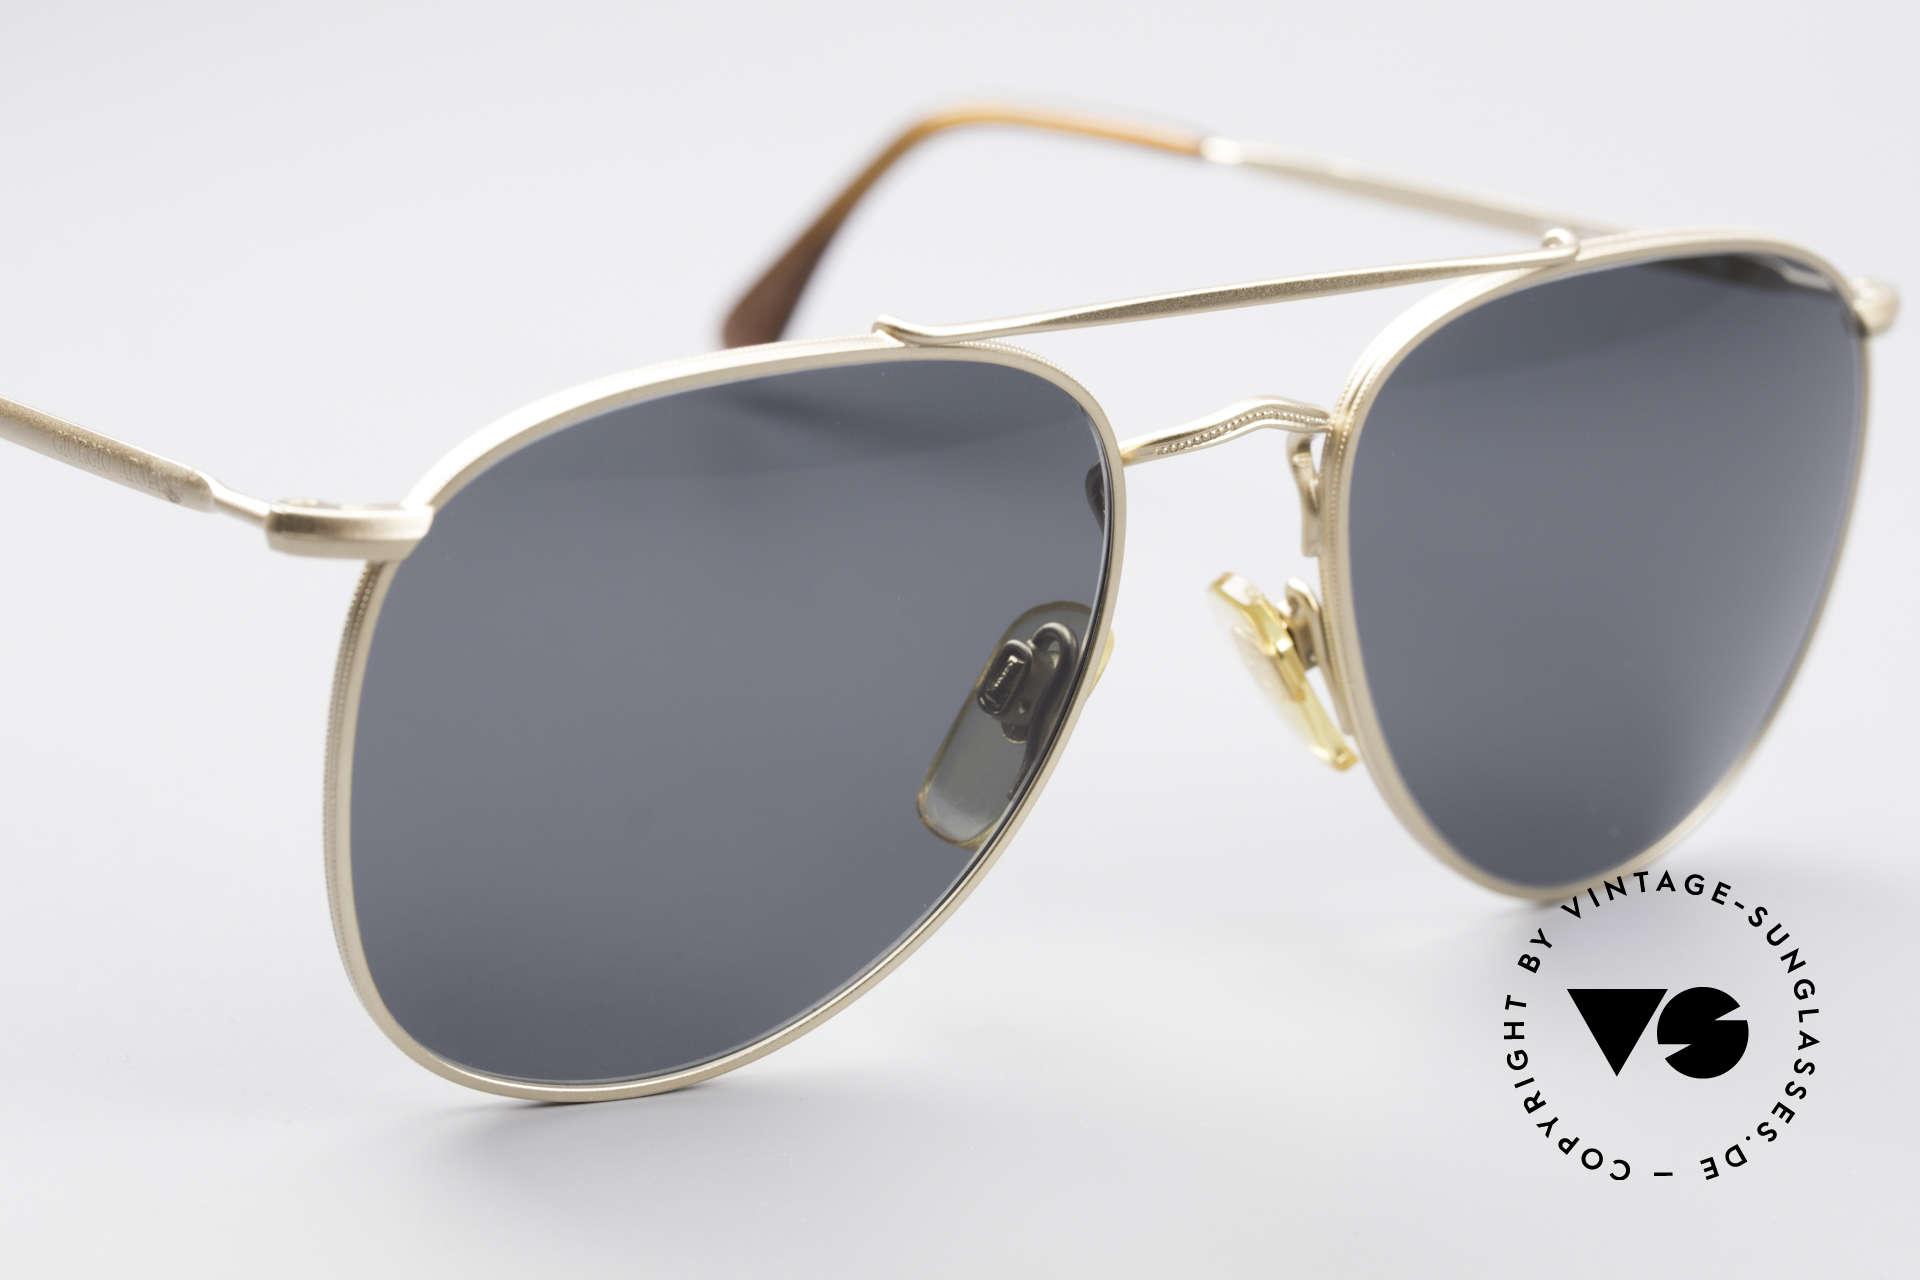 Giorgio Armani 149 Small 90'S Aviator Sunglasses, sober, timeless sunglasses (100% UV protection), Made for Men and Women